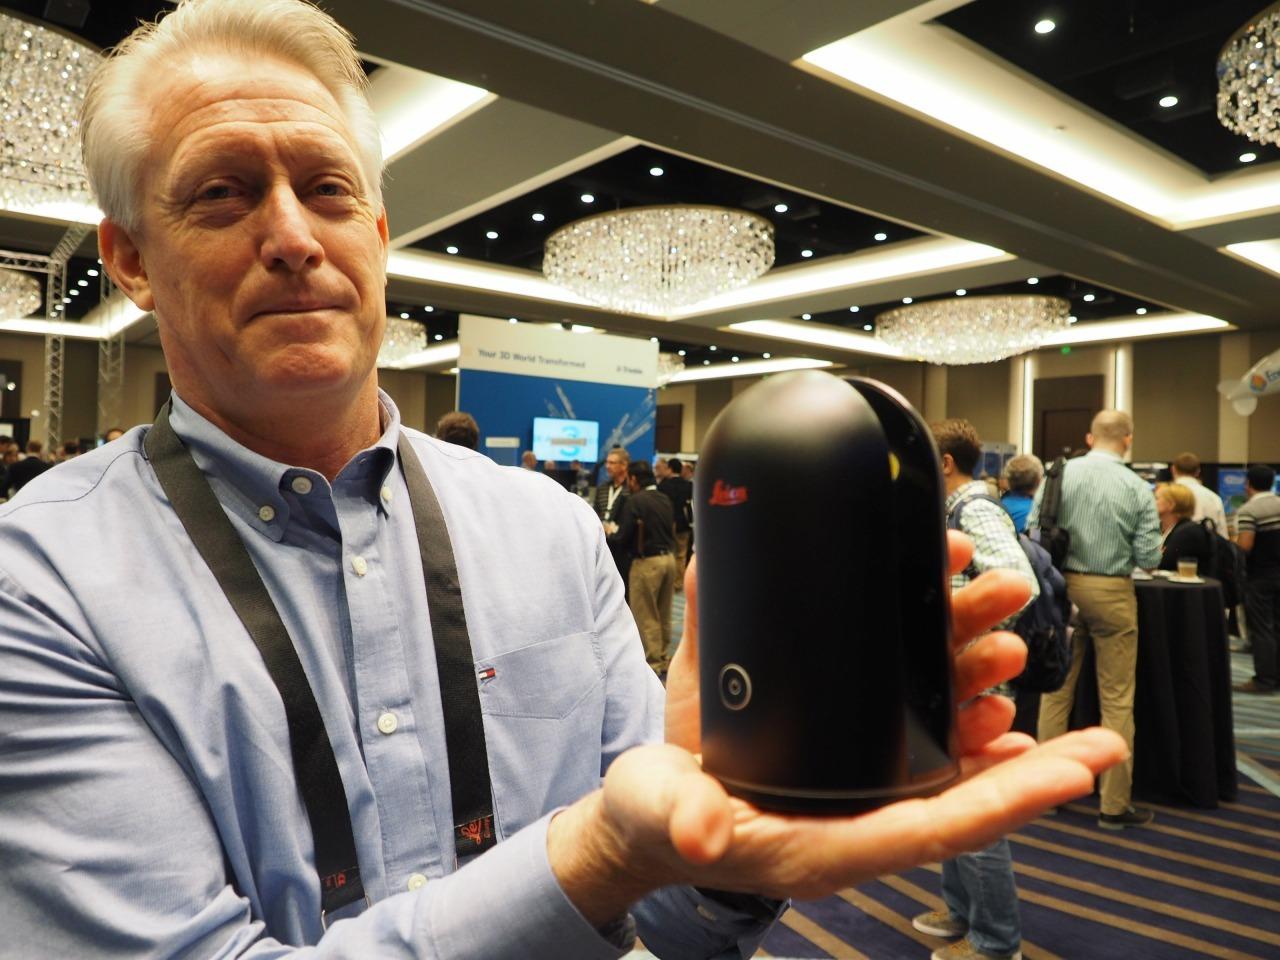 使用する3Dスキャナーは重さ1kgのライカ「BLK360」など(写真:家入龍太)